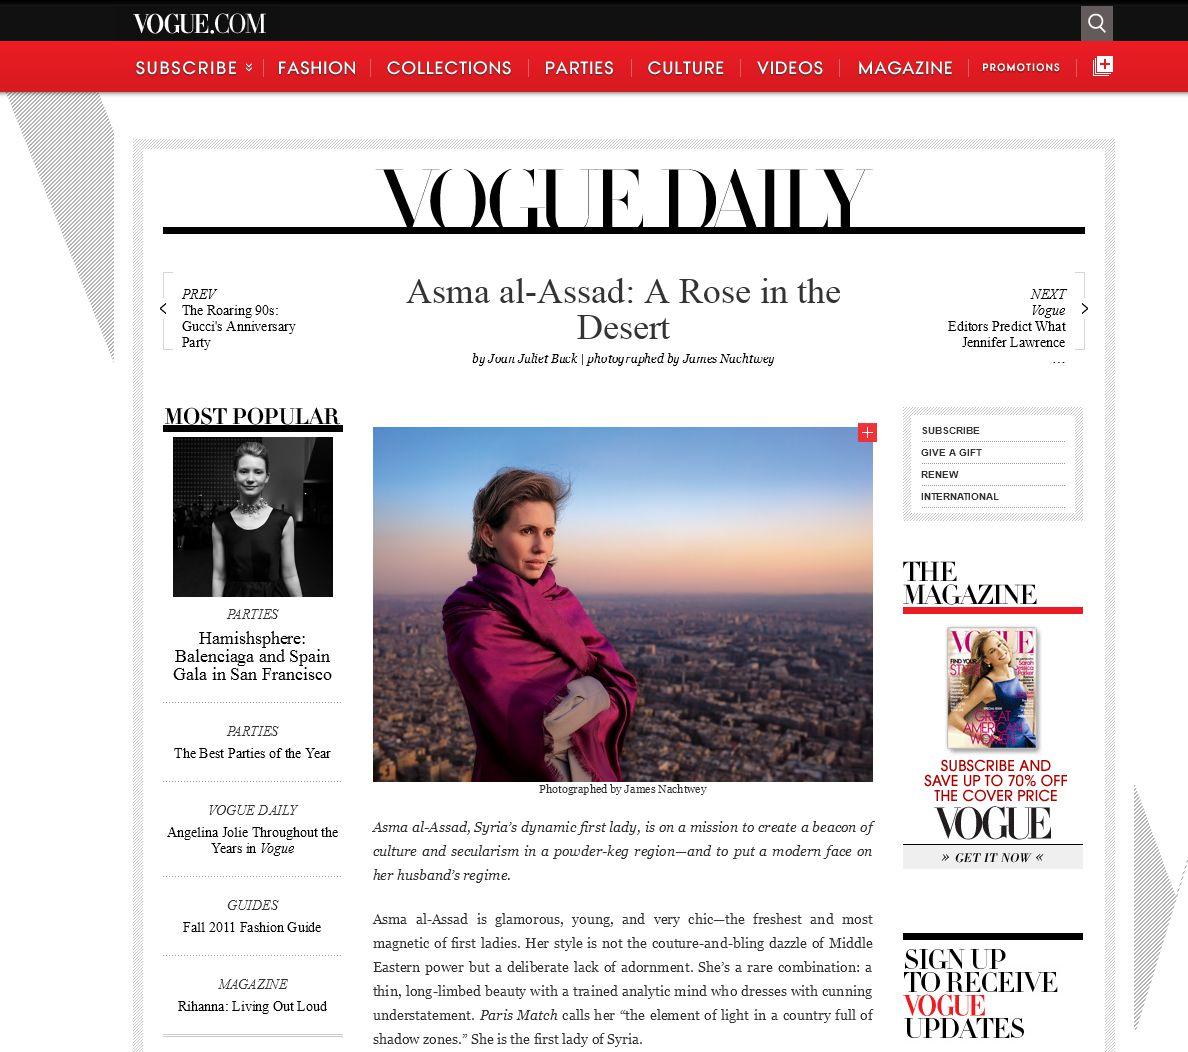 asma_al-assad-_a_rose_in_the_desert_-_vogue_daily_-_vogue-capture_0